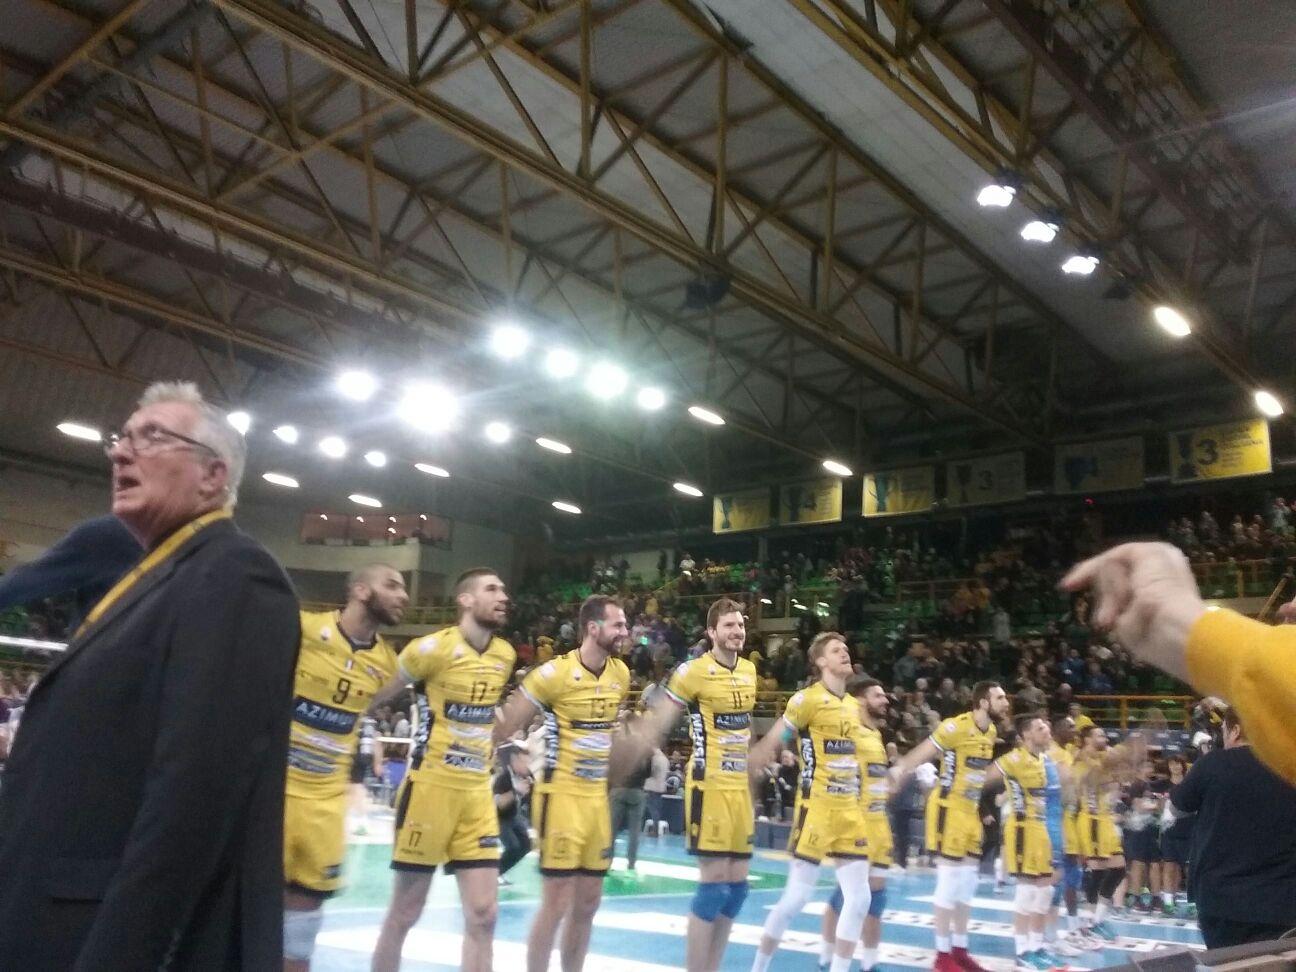 Si chiude la regular season con una vittoria: 3-1 contro Piacenza